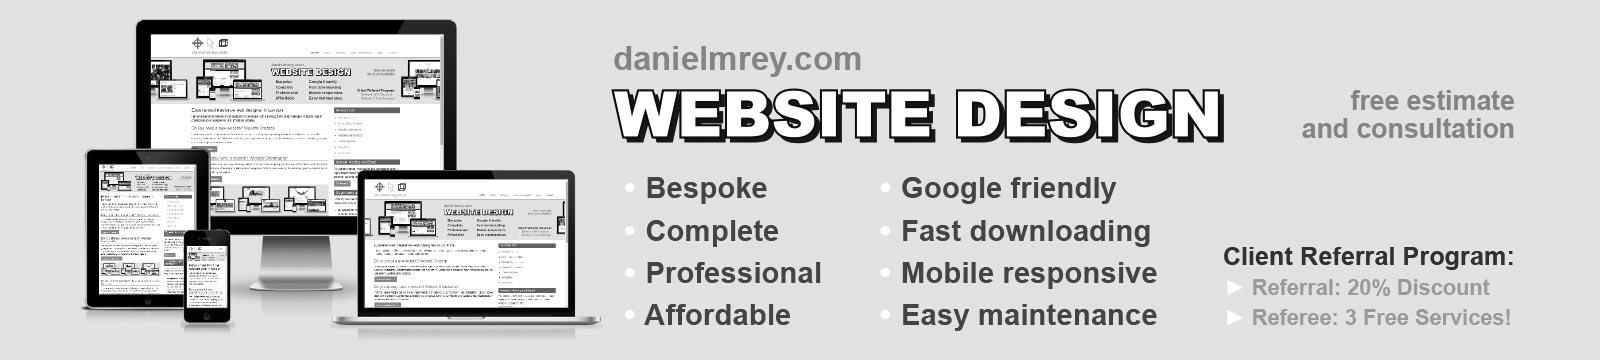 Danielmrey banner website design banner grey 1600